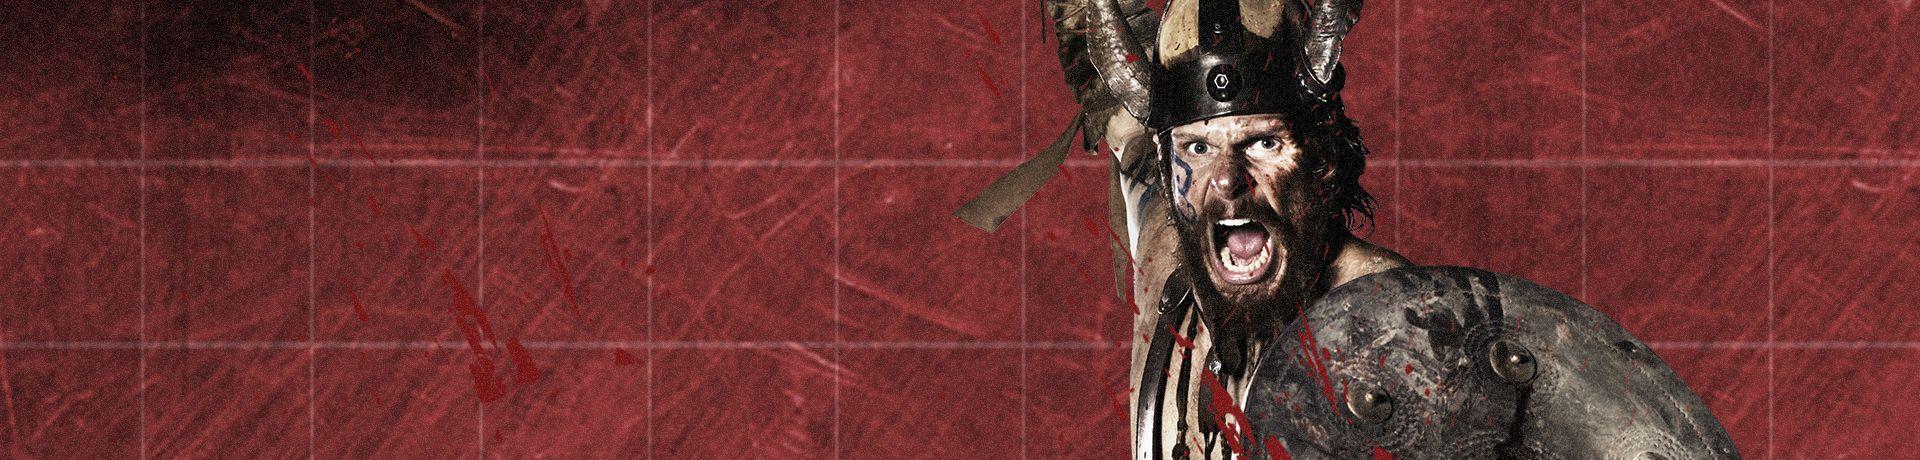 Deadliest Warrior скачать игру - фото 3